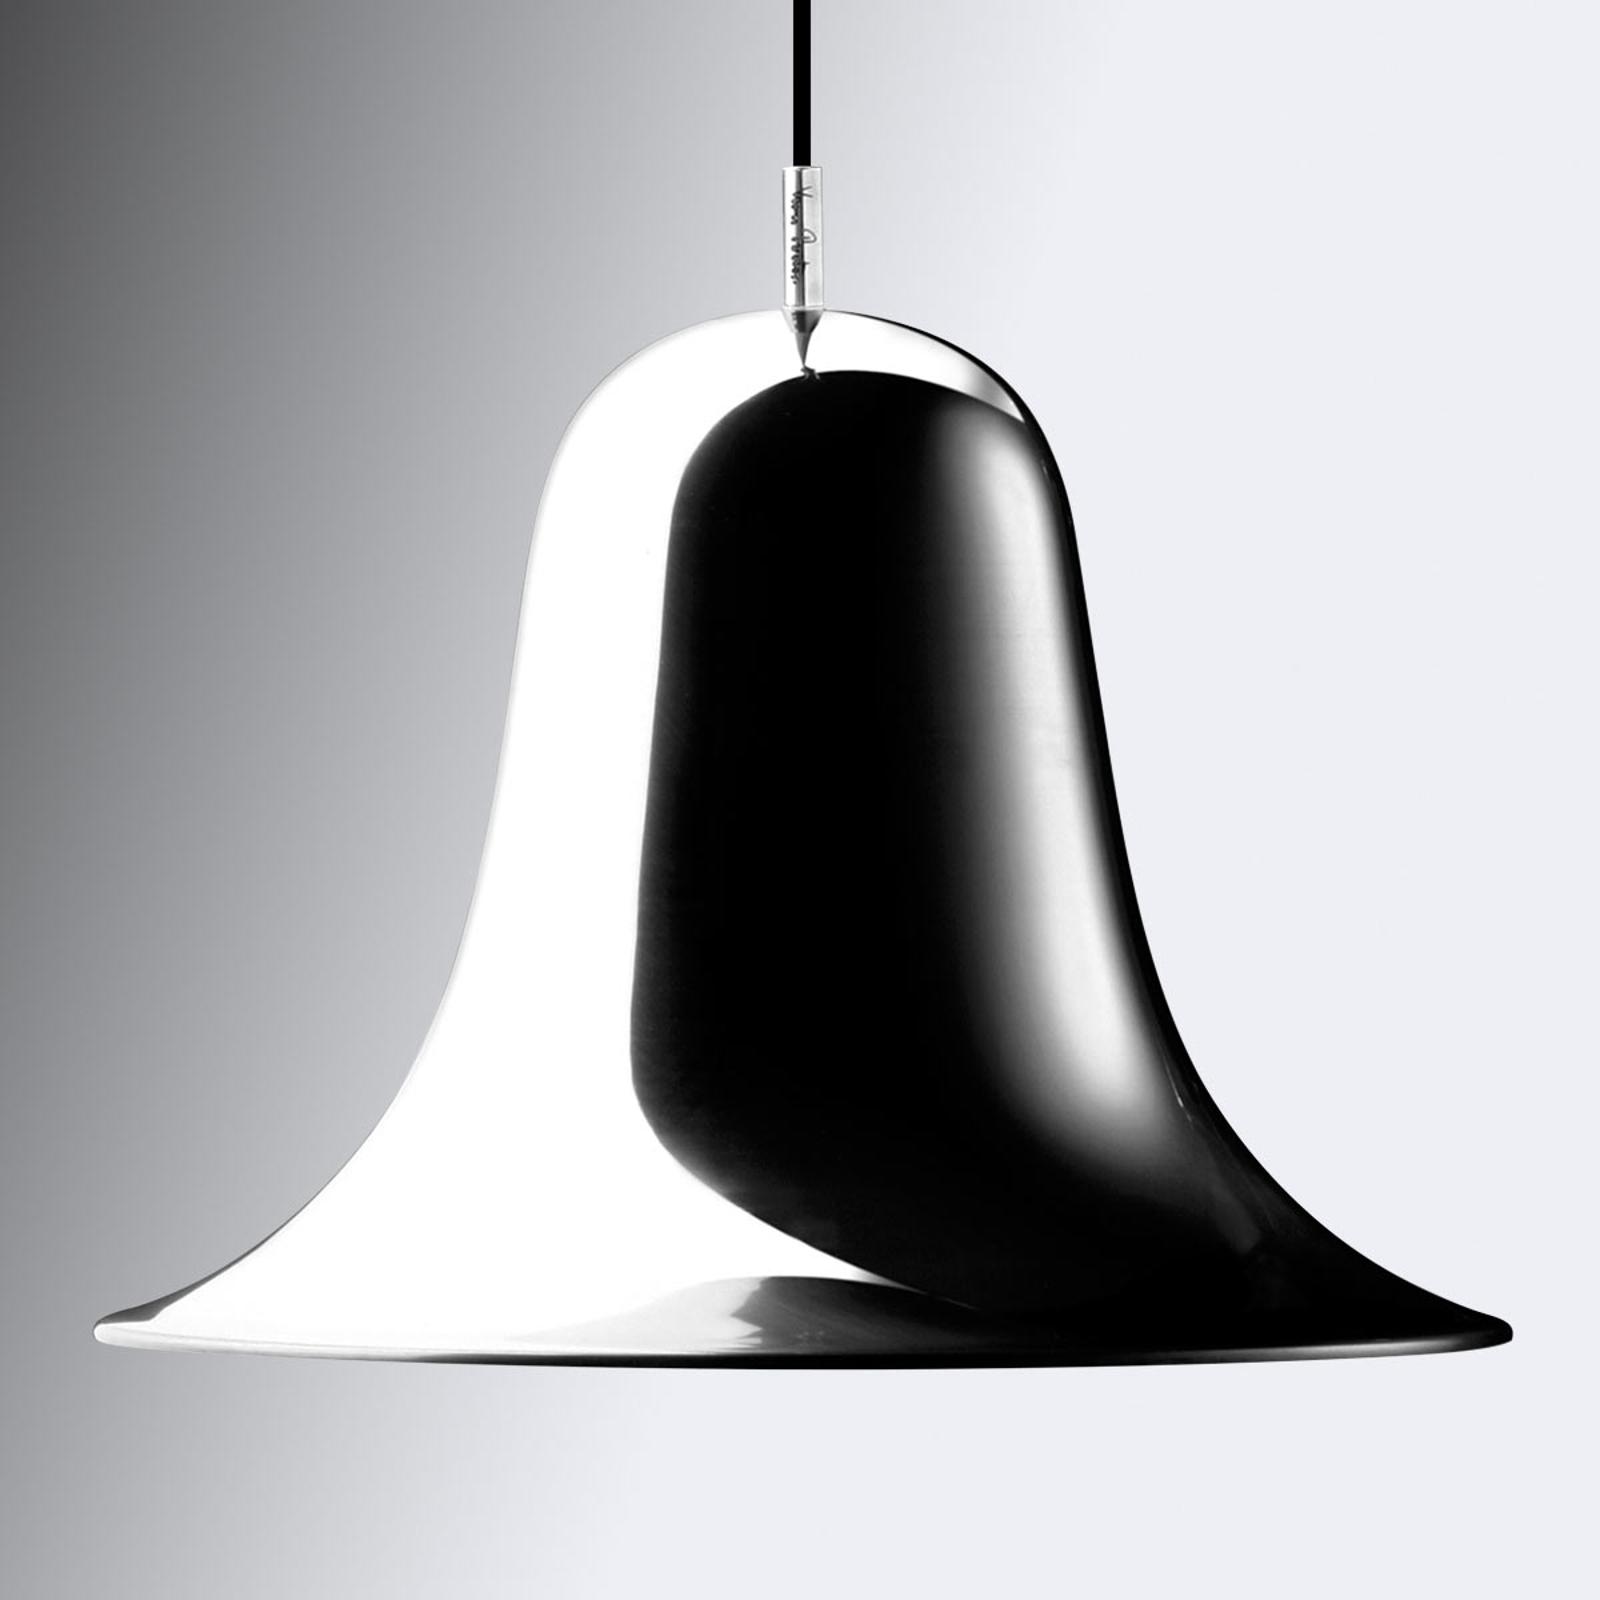 VERPAN Pantop Hängeleuchte, Ø 30 cm,chrom glänzend